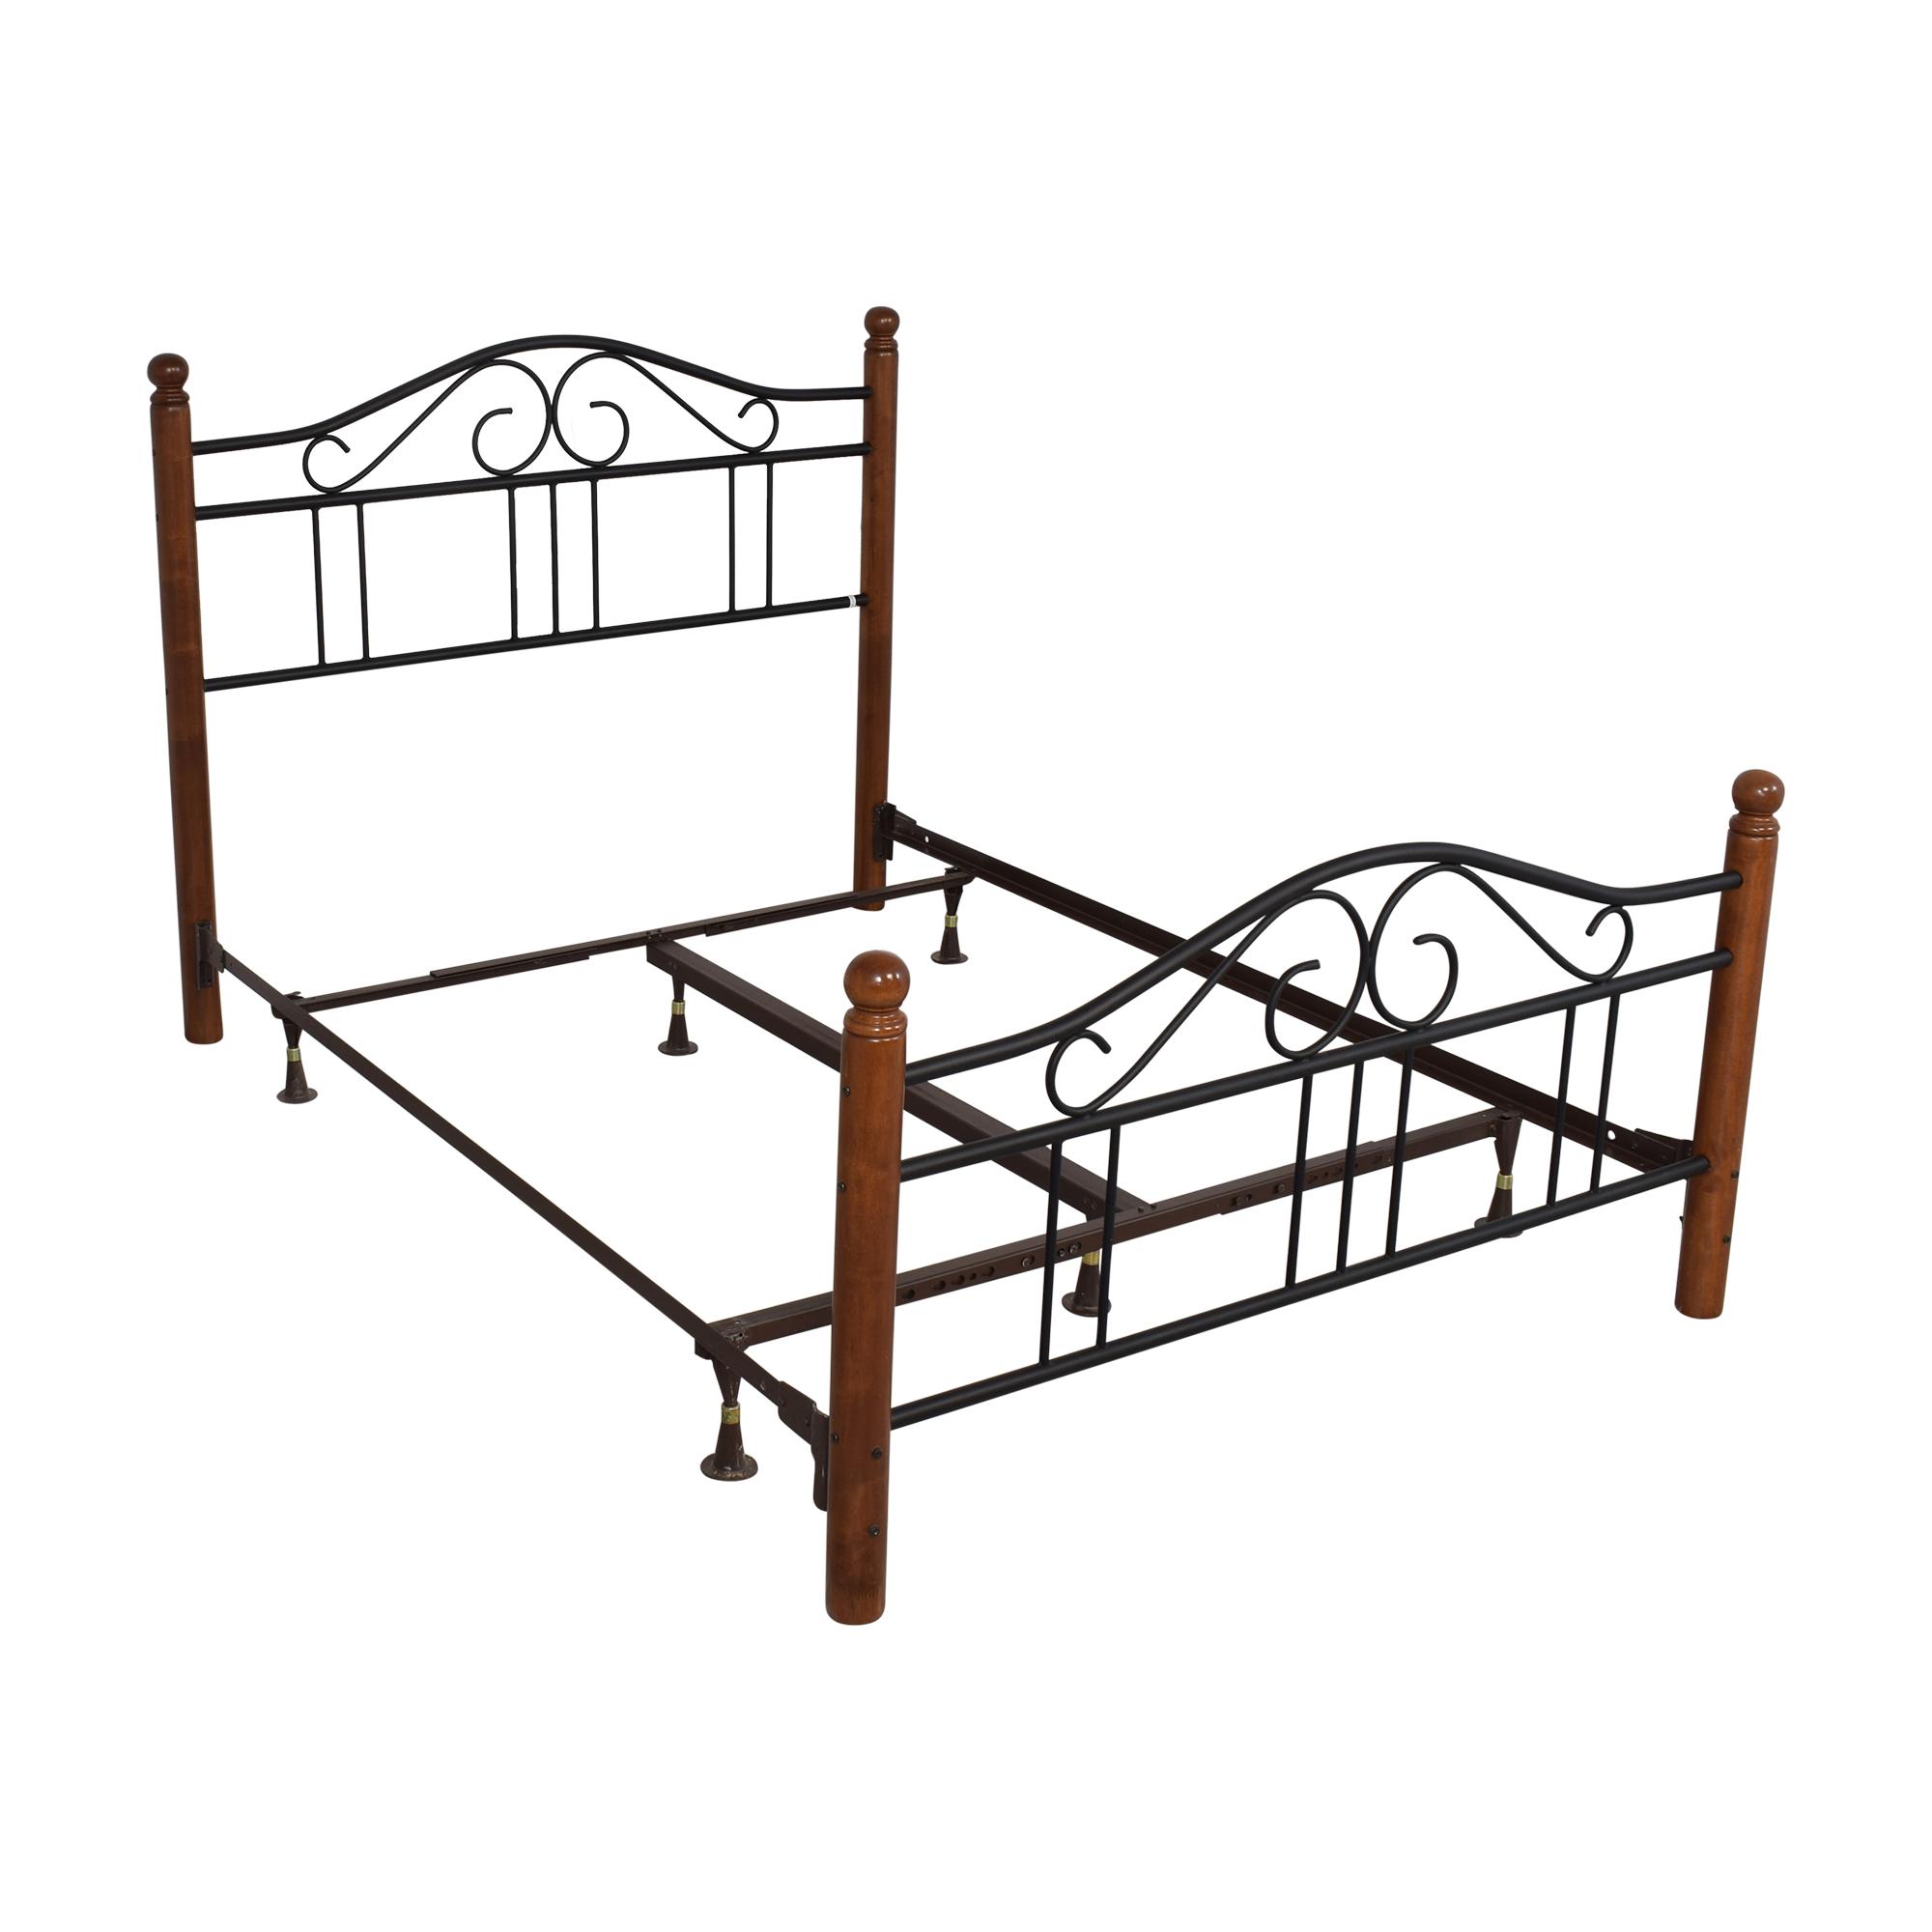 Macy's Macy's Queen Bed Frame